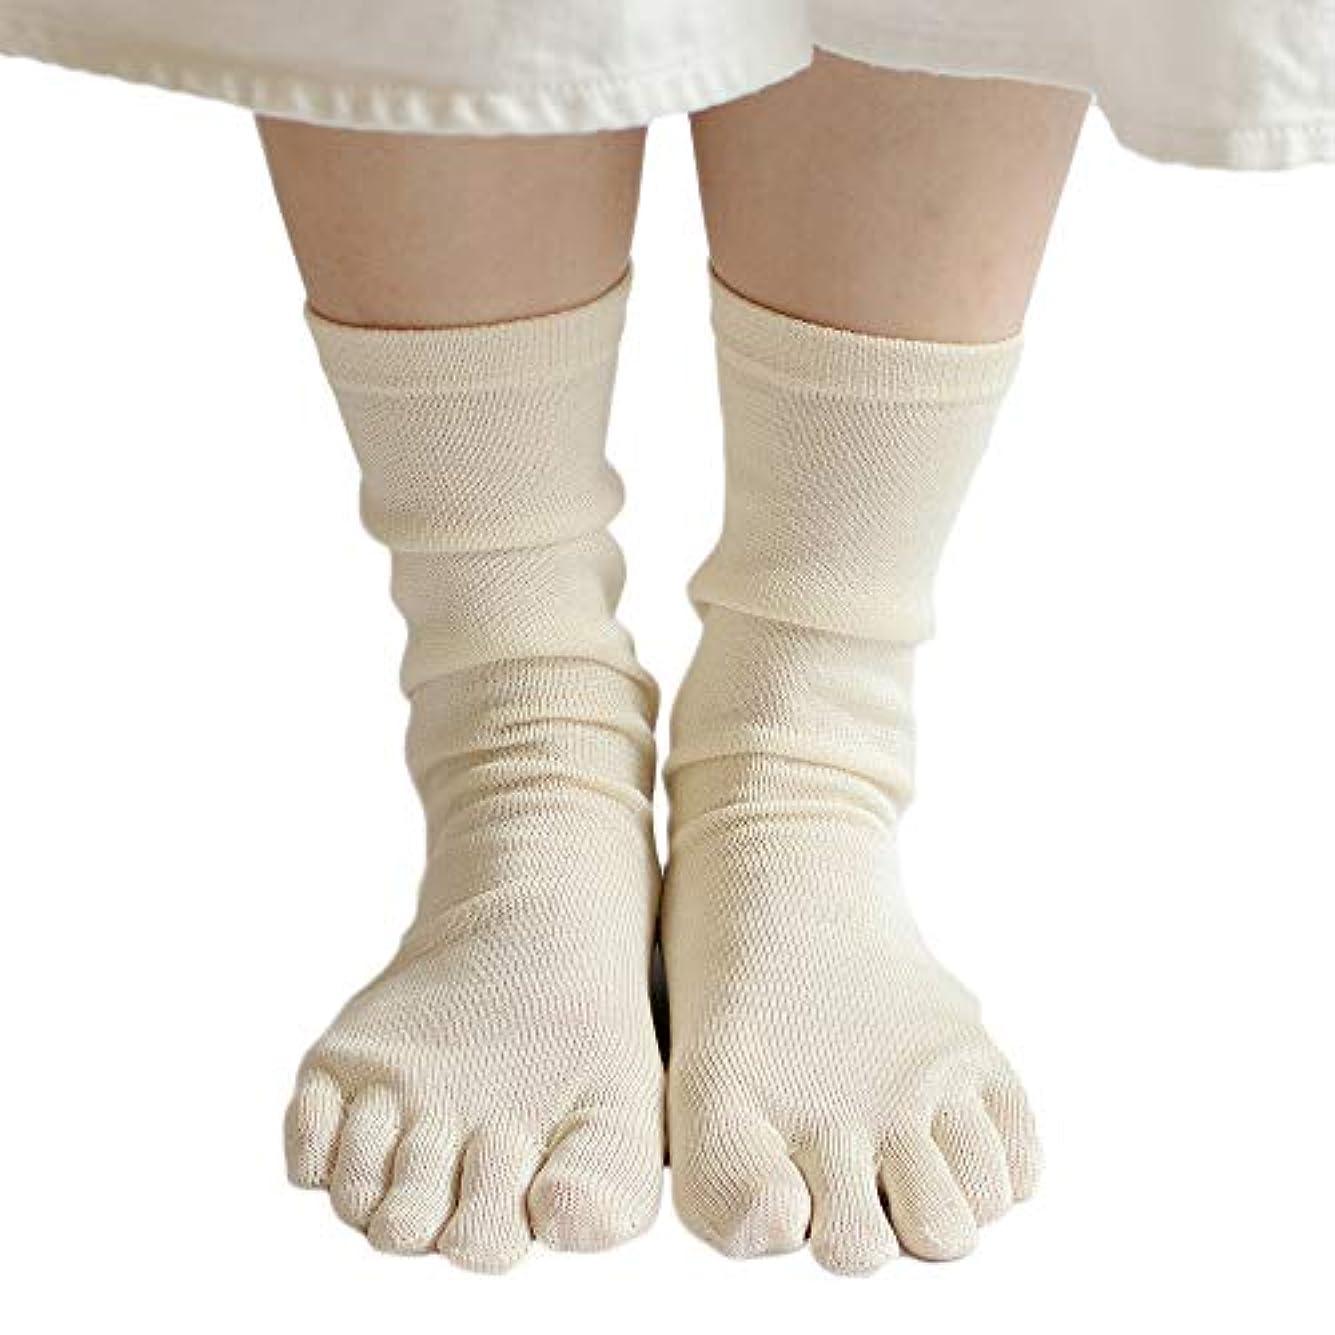 に応じてスクリュー繕うタイシルク 100% 五本指 ソックス 3足セット かかとあり 上質なシルクを100%使用した薄手靴下 重ね履きのインナーソックスや冷えとりに